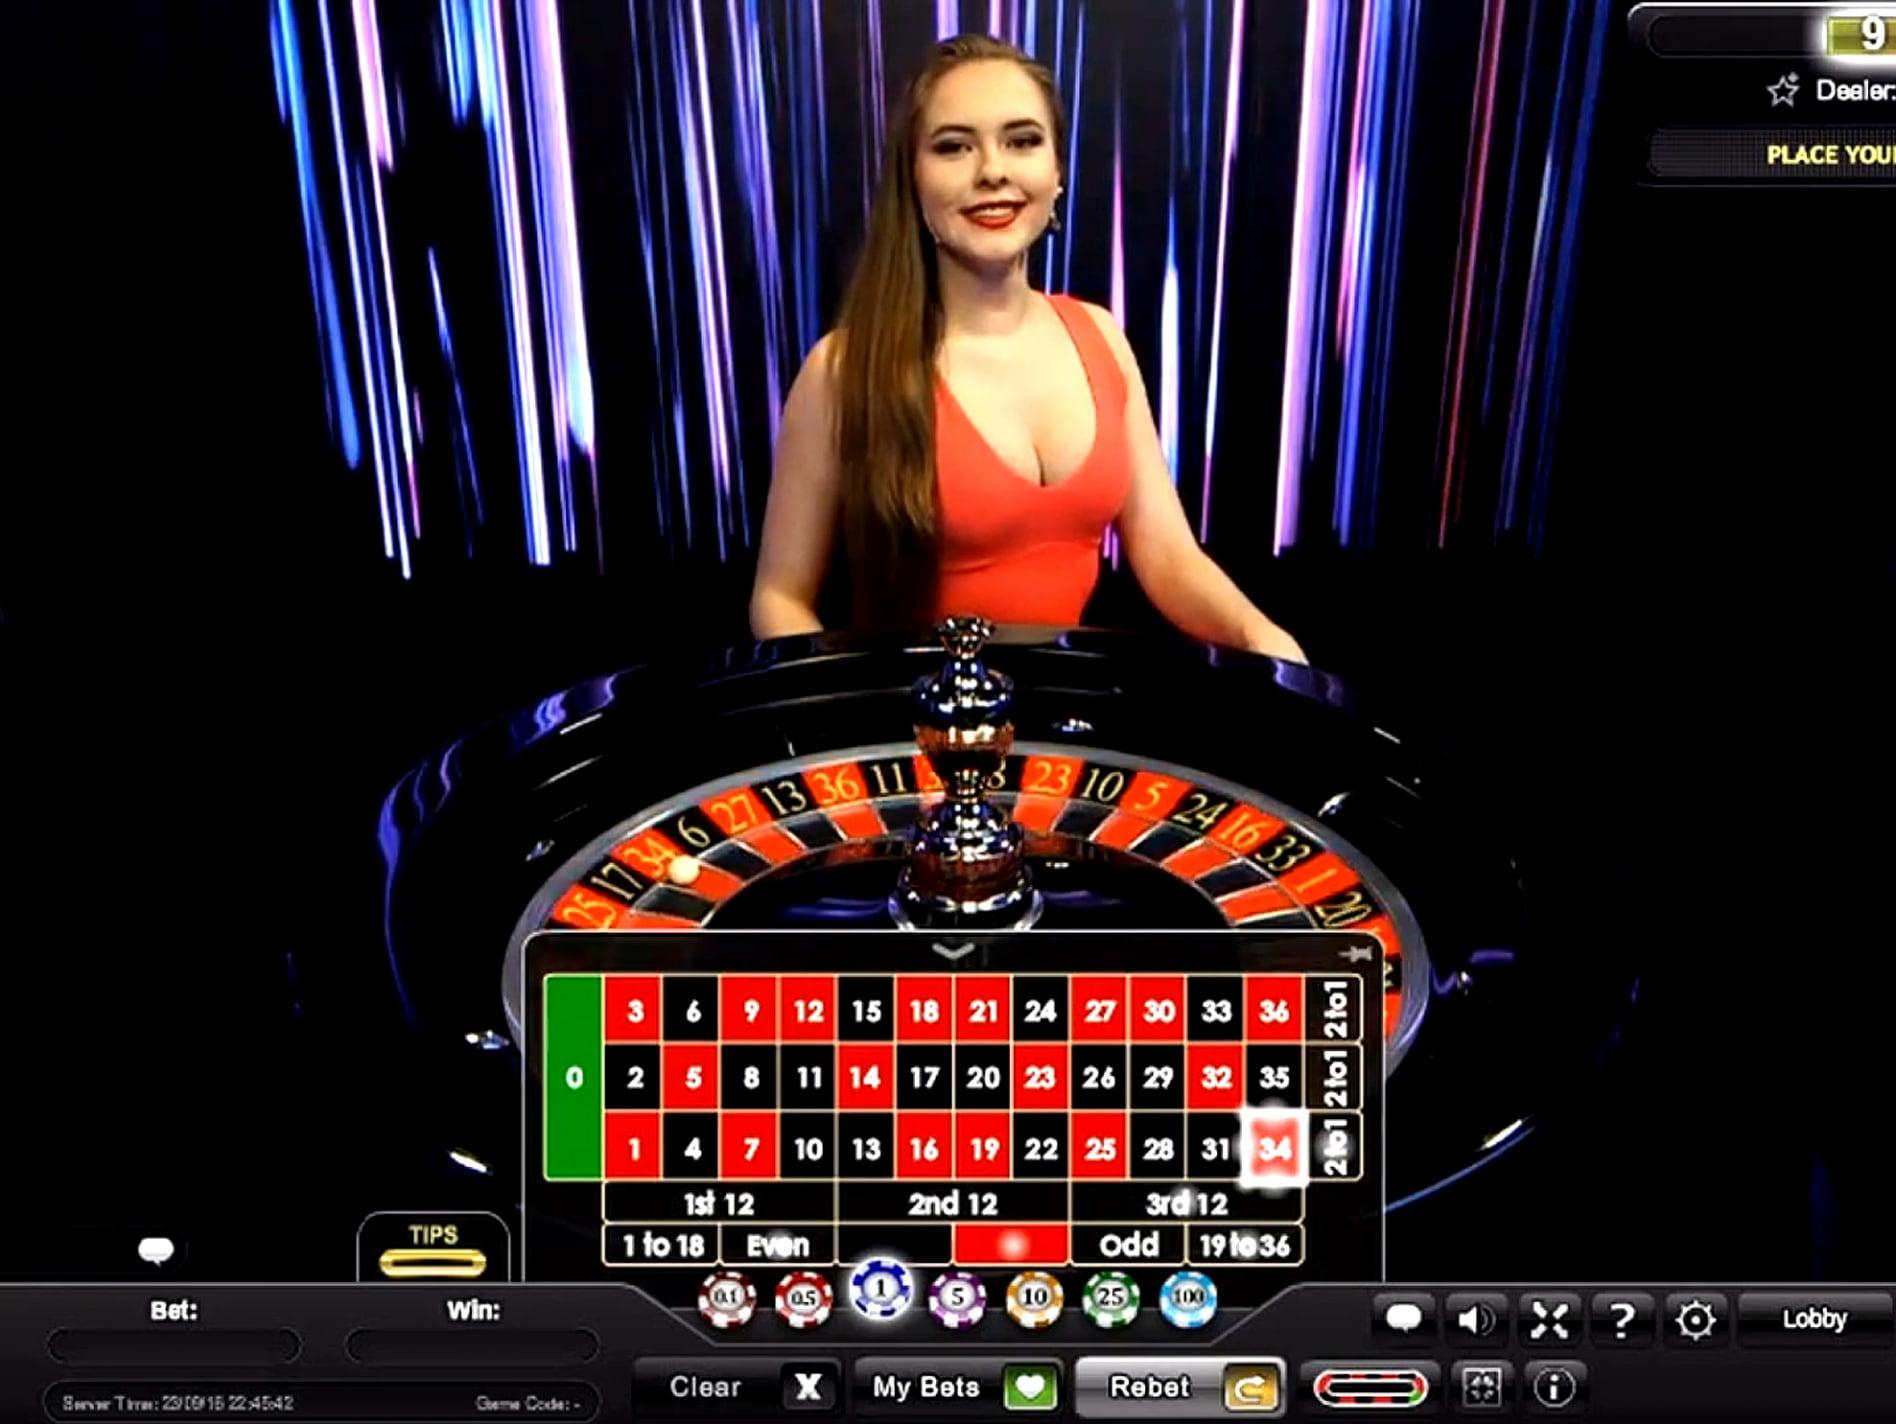 Ruleta en vivo gratis reglas de Juego casino - 63364